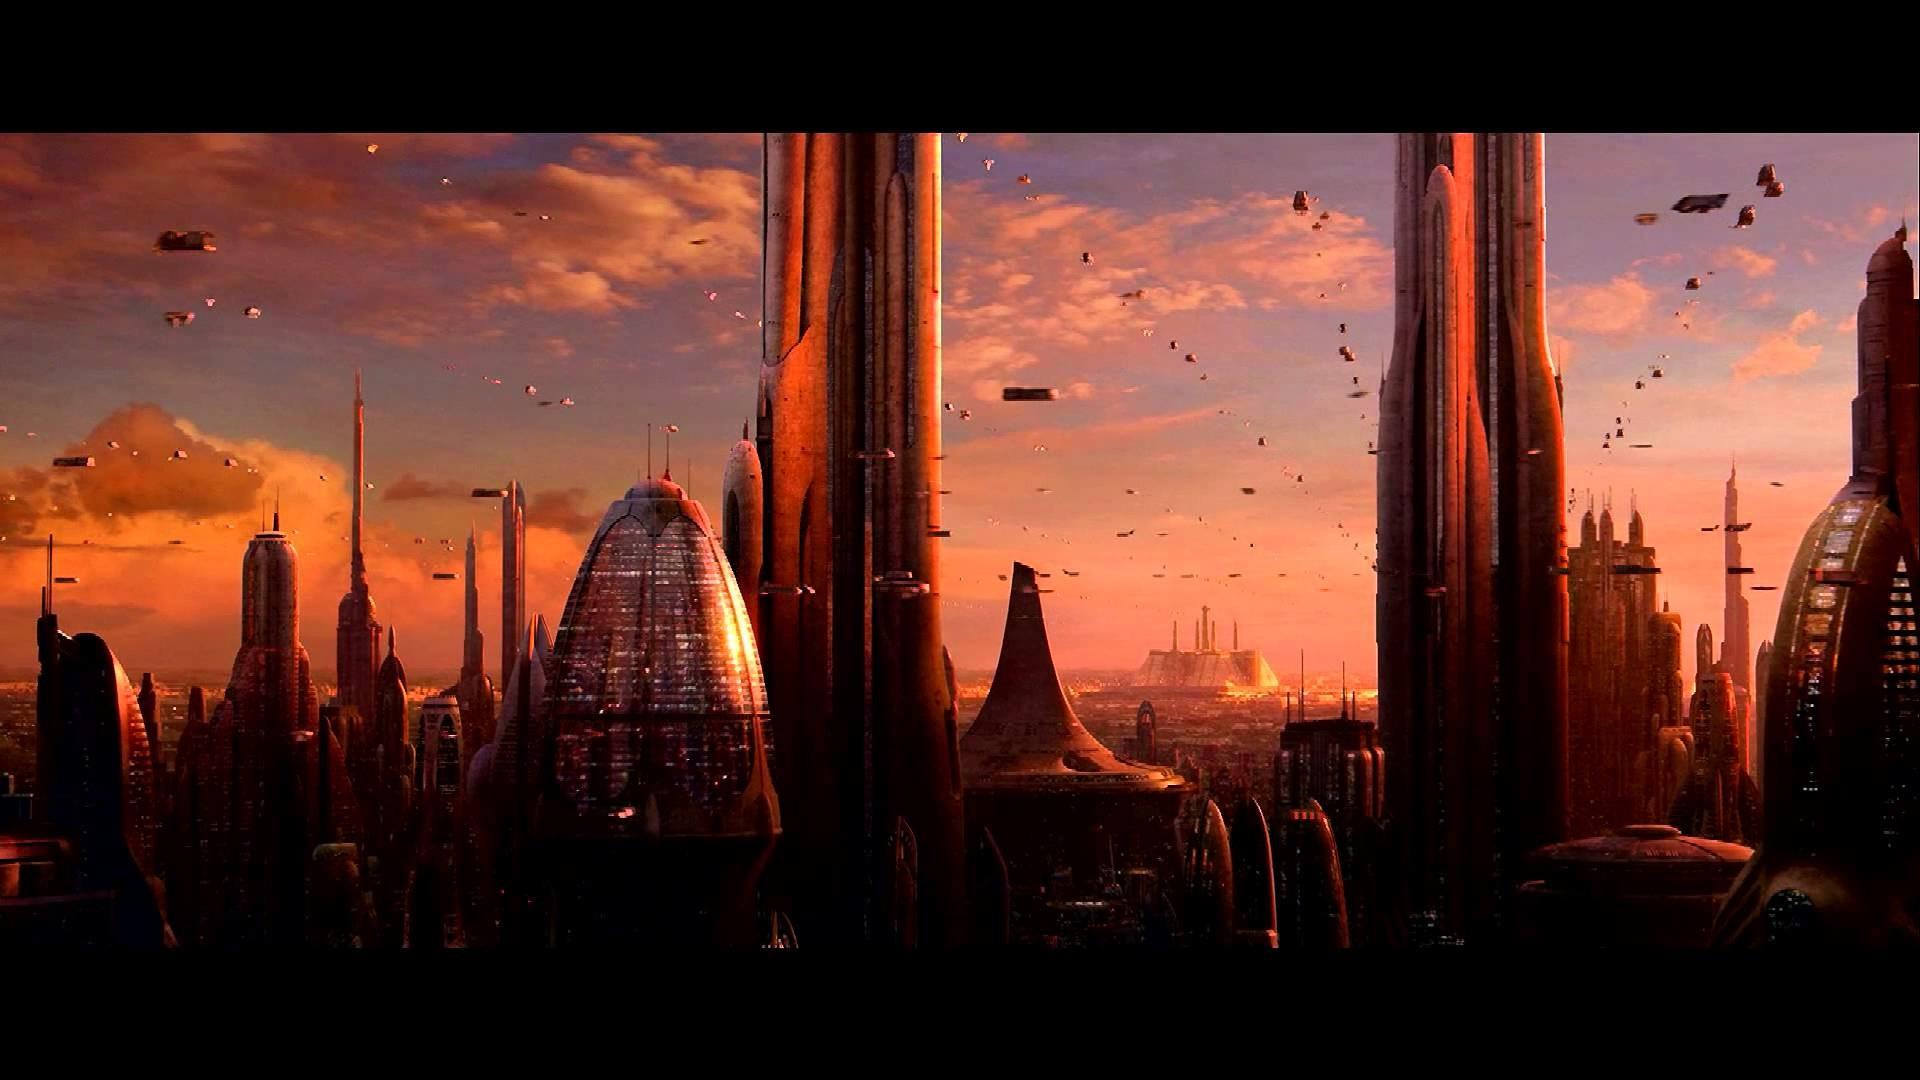 Council Chamber, Coruscant – Sunset: Take 2